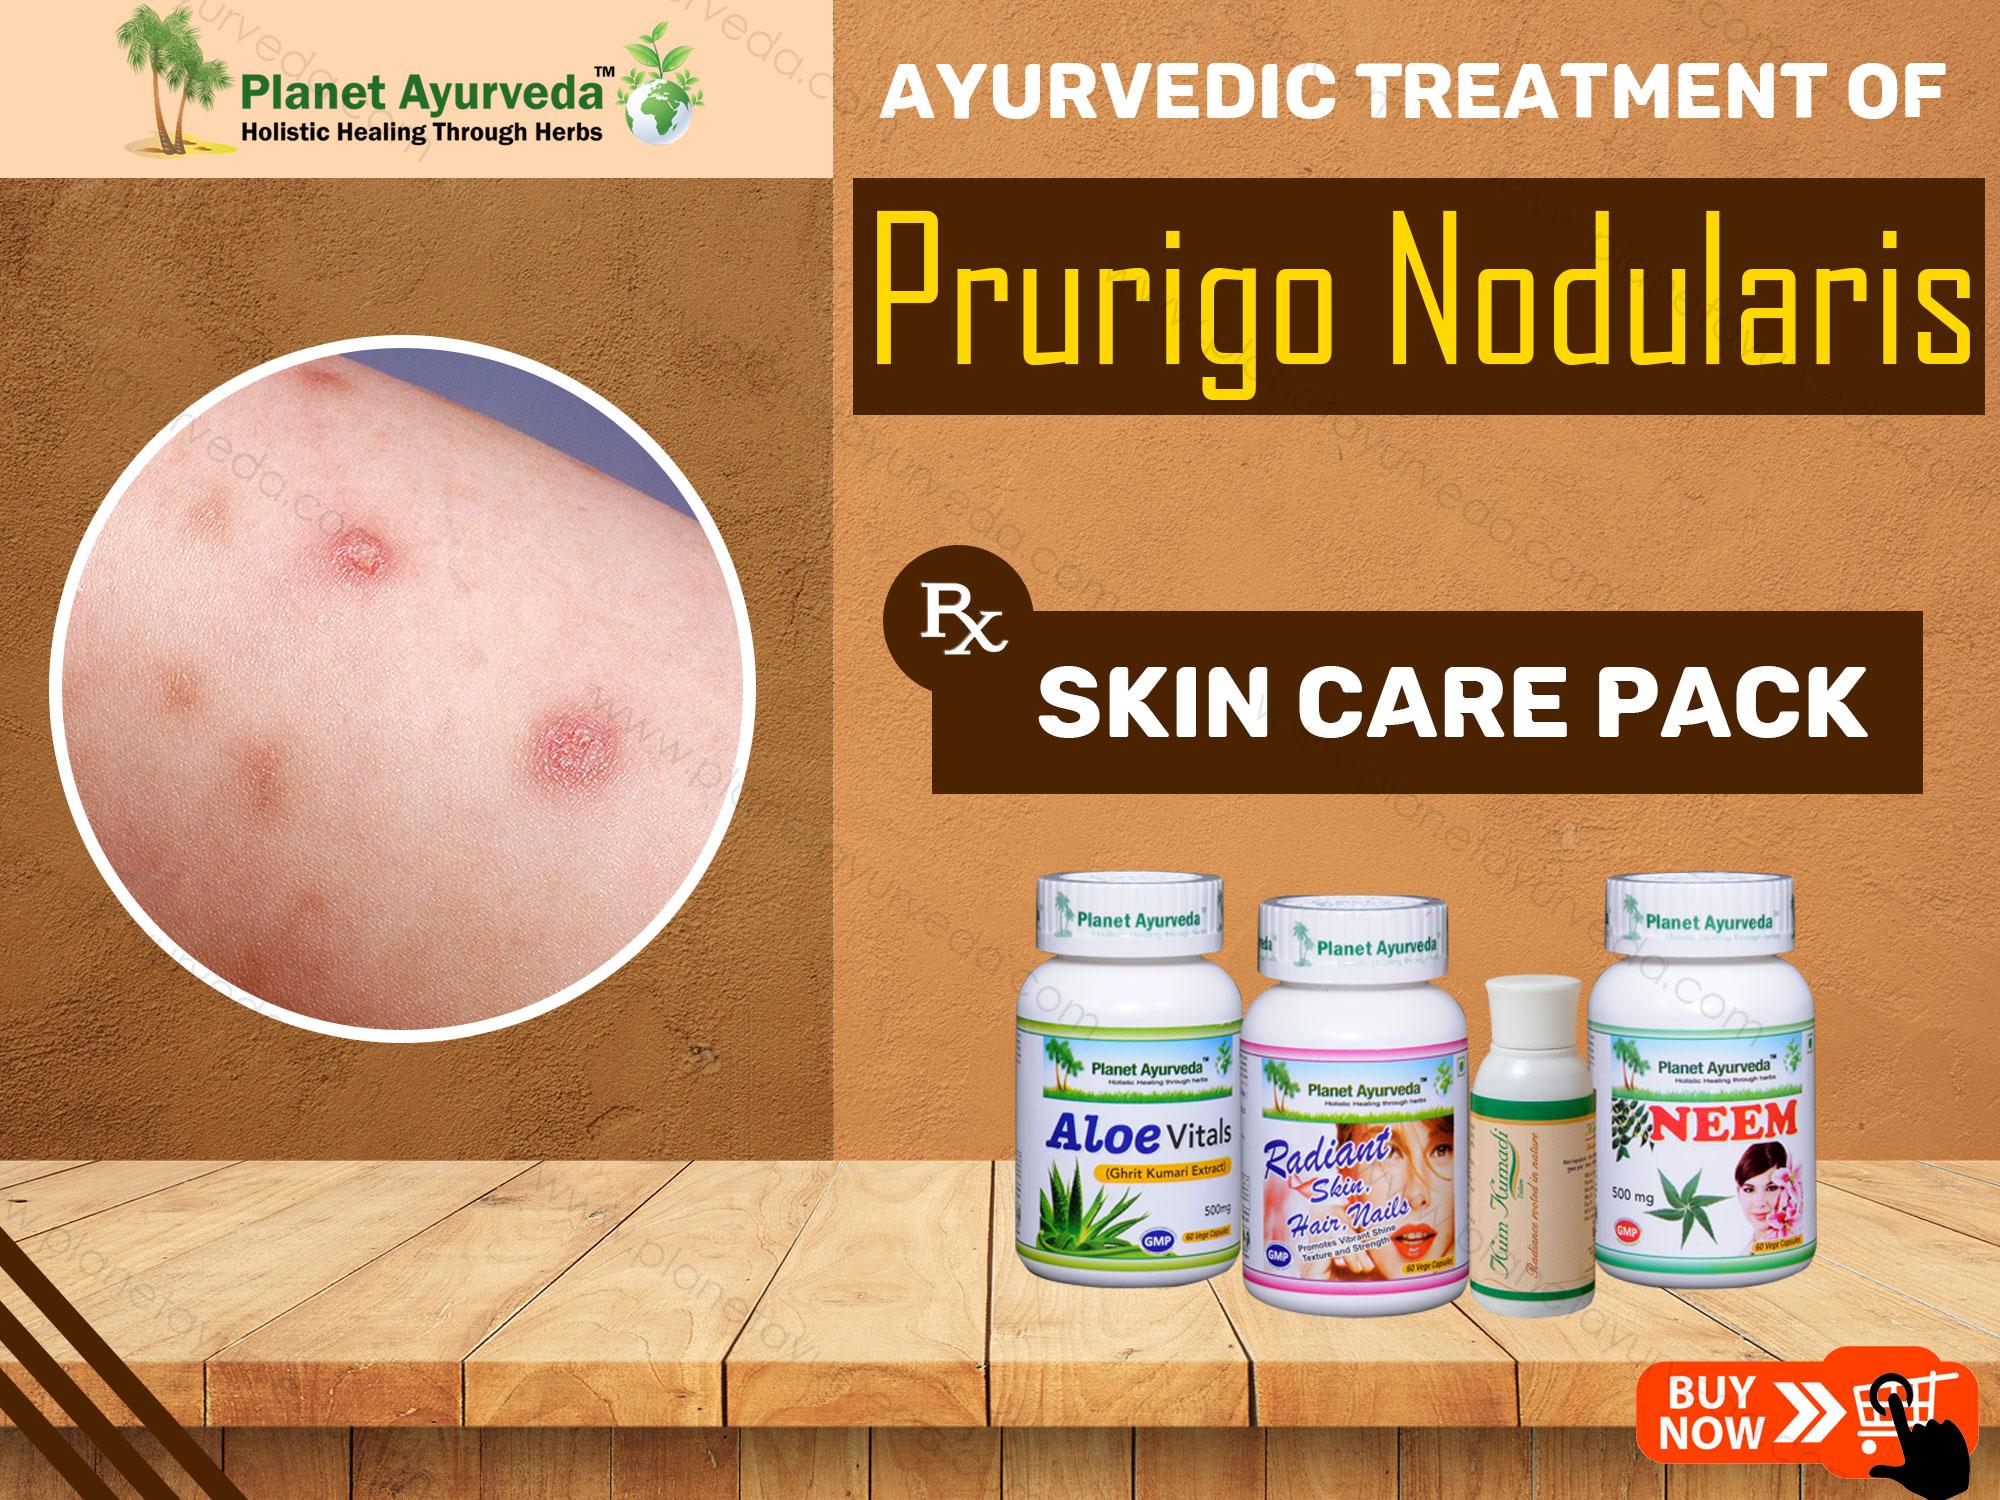 Ayurvedic-Treatment-of-Prurigo-Nodularis